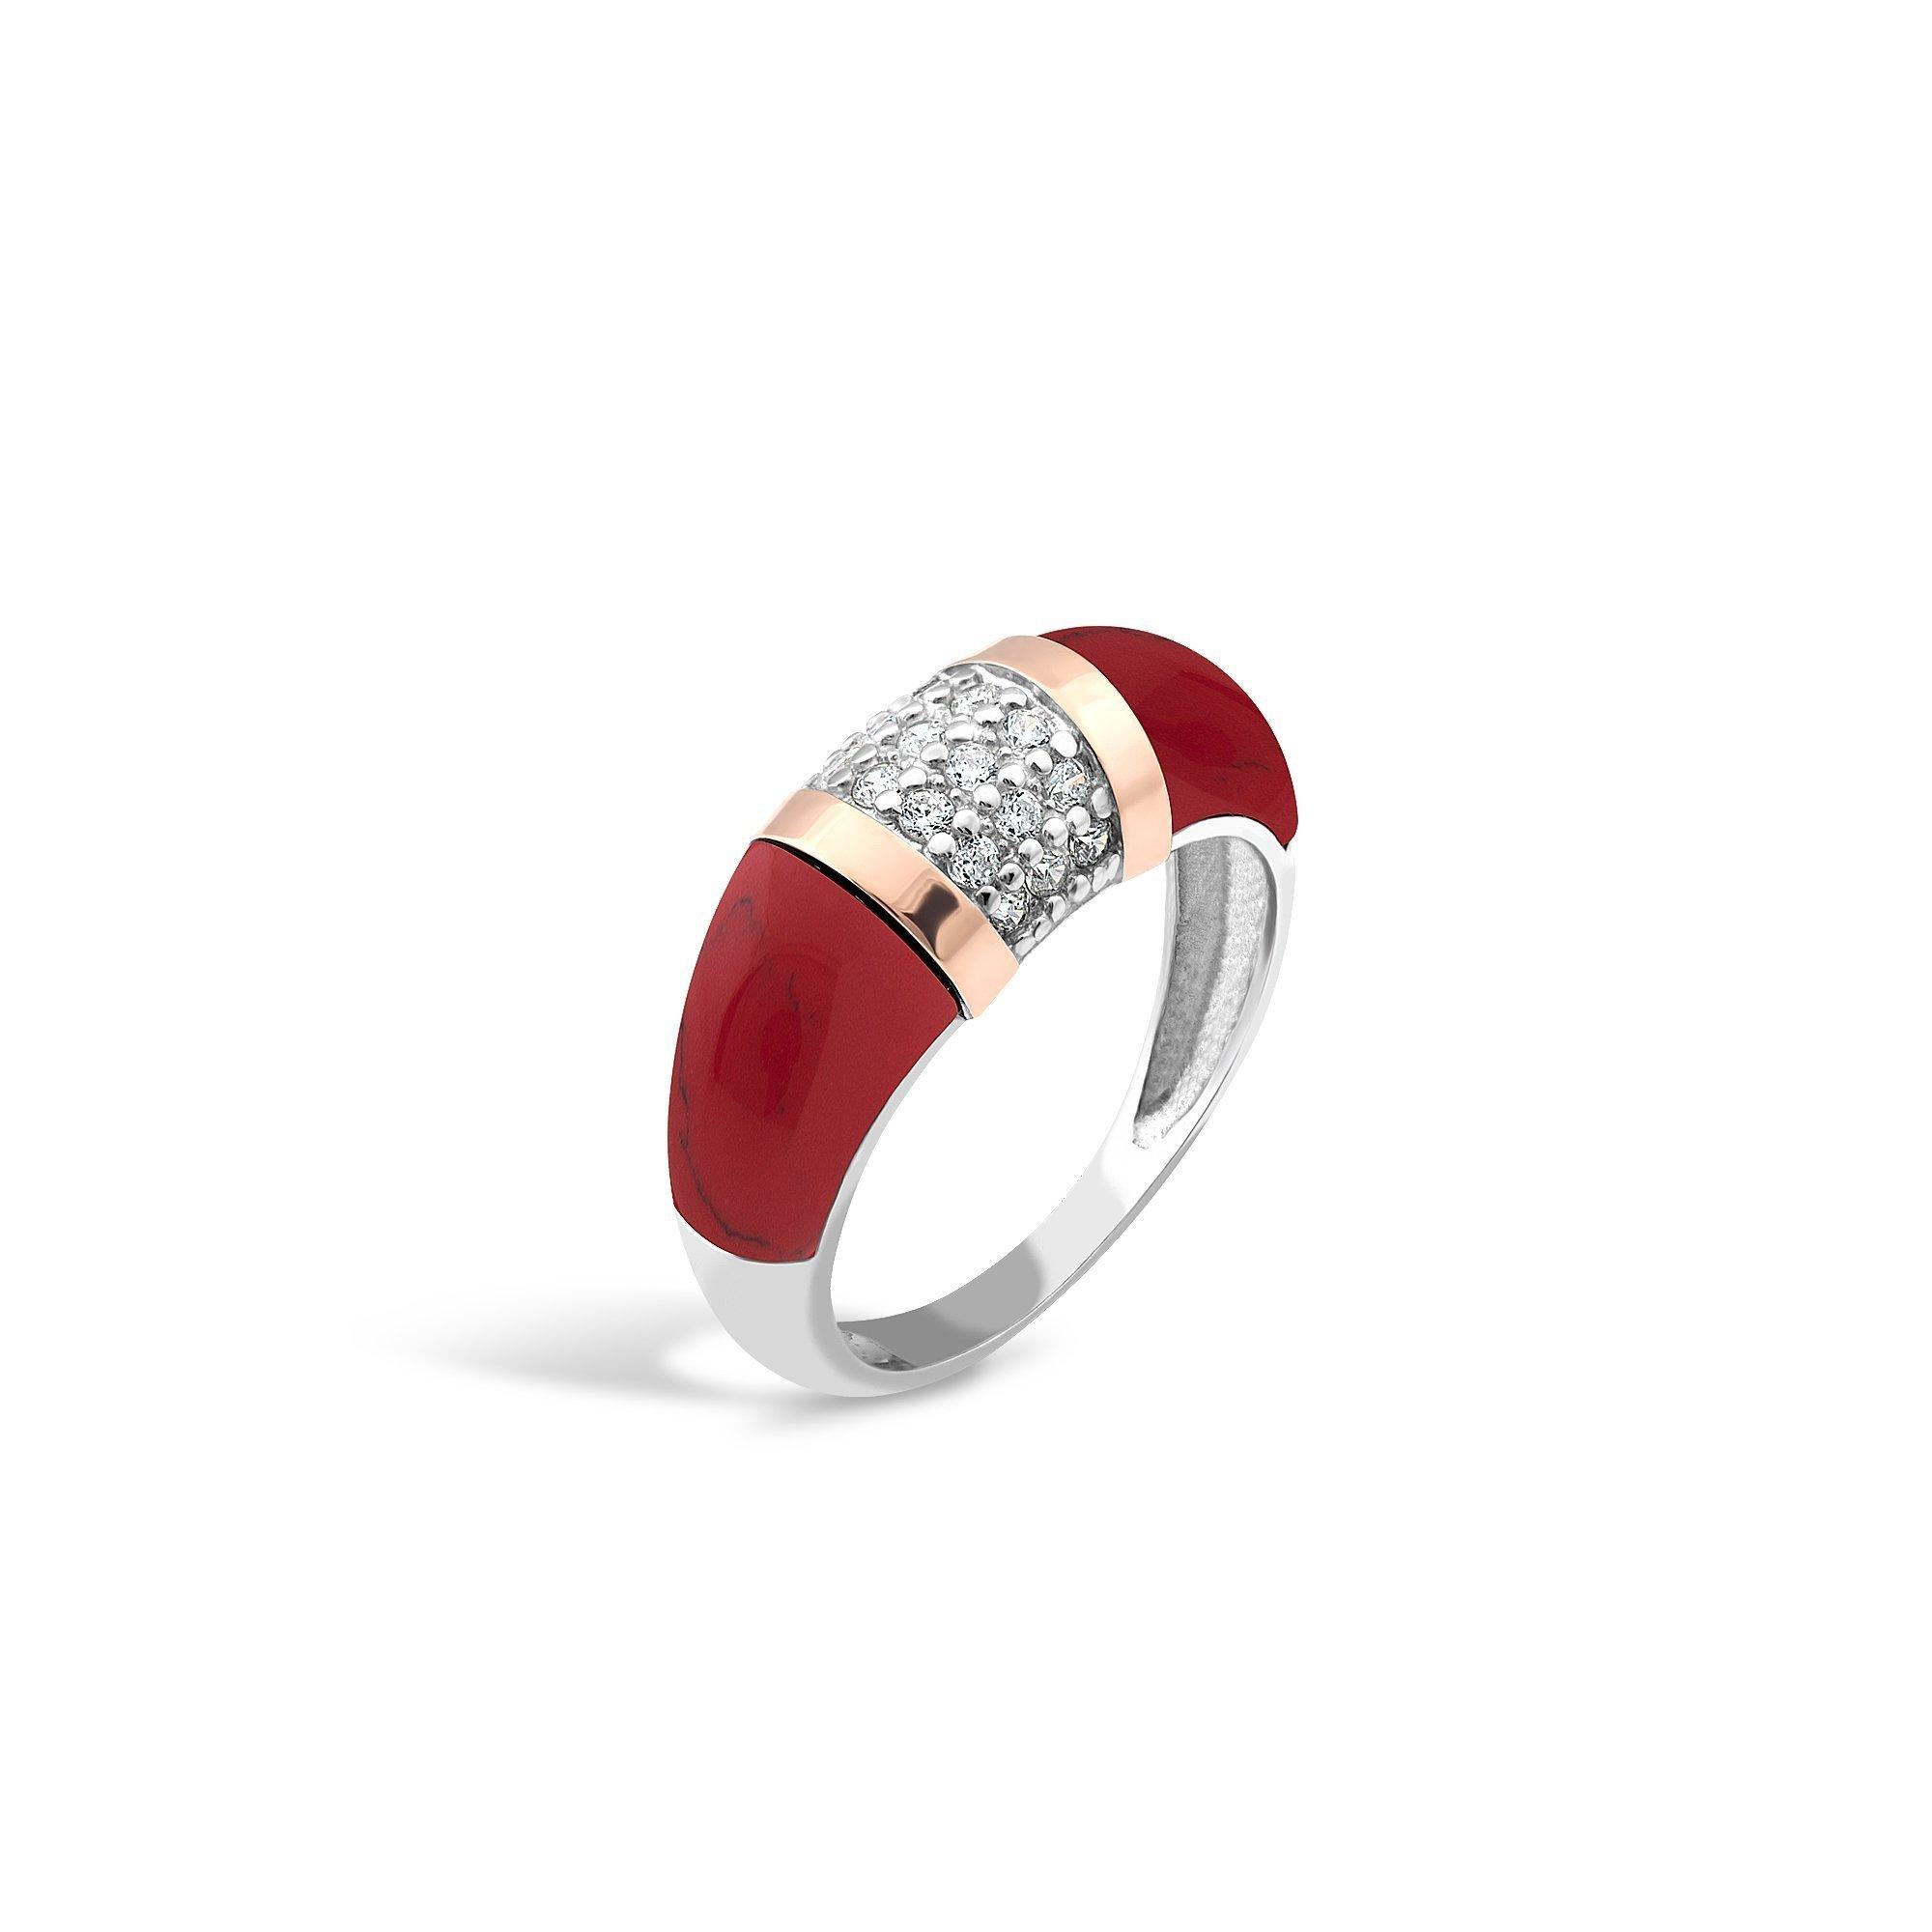 Серебряное родированное кольцо Моник с золотыми накладками, имитацией яшмы и фианитами